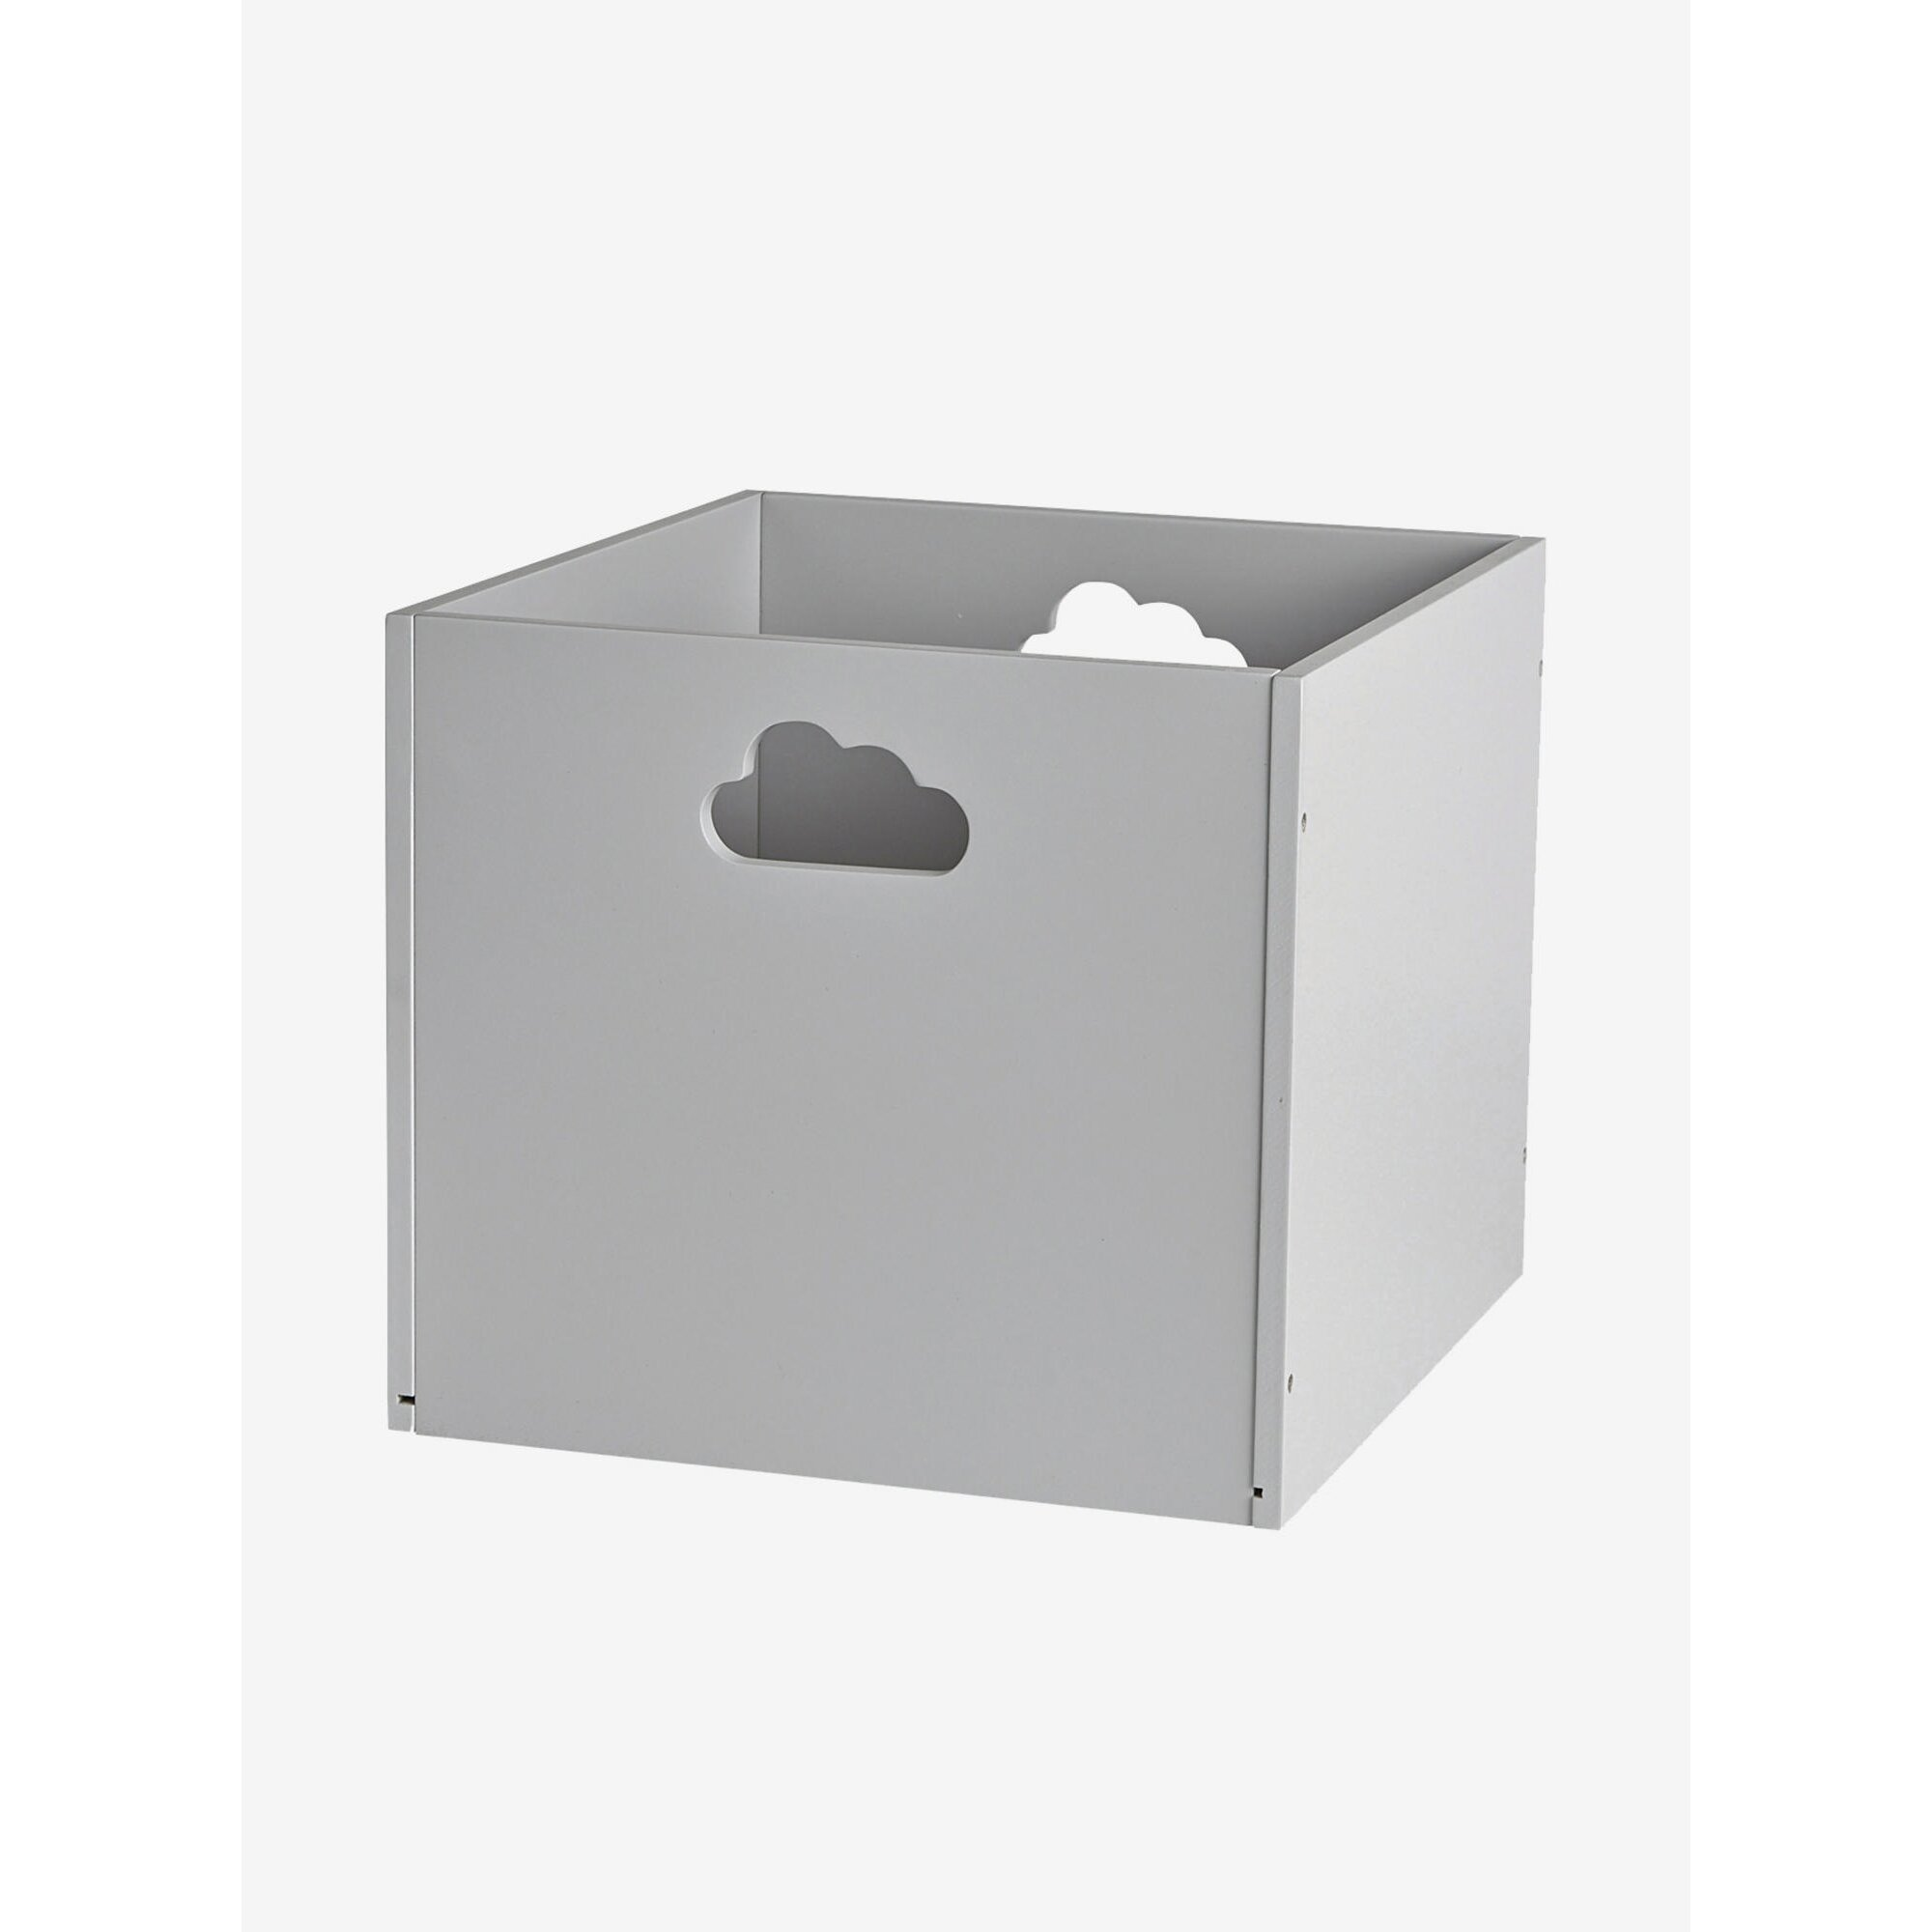 vertbaudet-holz-aufbewahrungsbox-mit-wolken-griffen